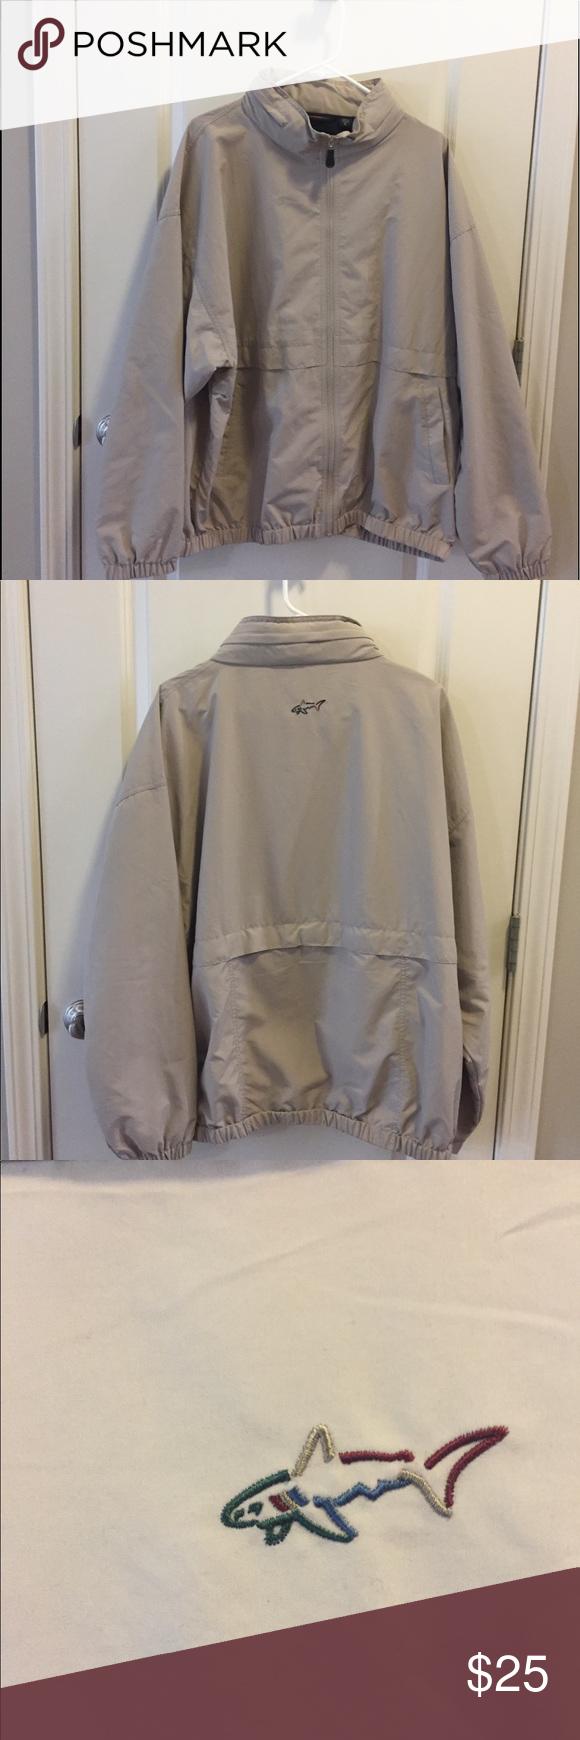 Men S Xl Greg Norman Jacket Jackets Shirt Jacket Greg Norman